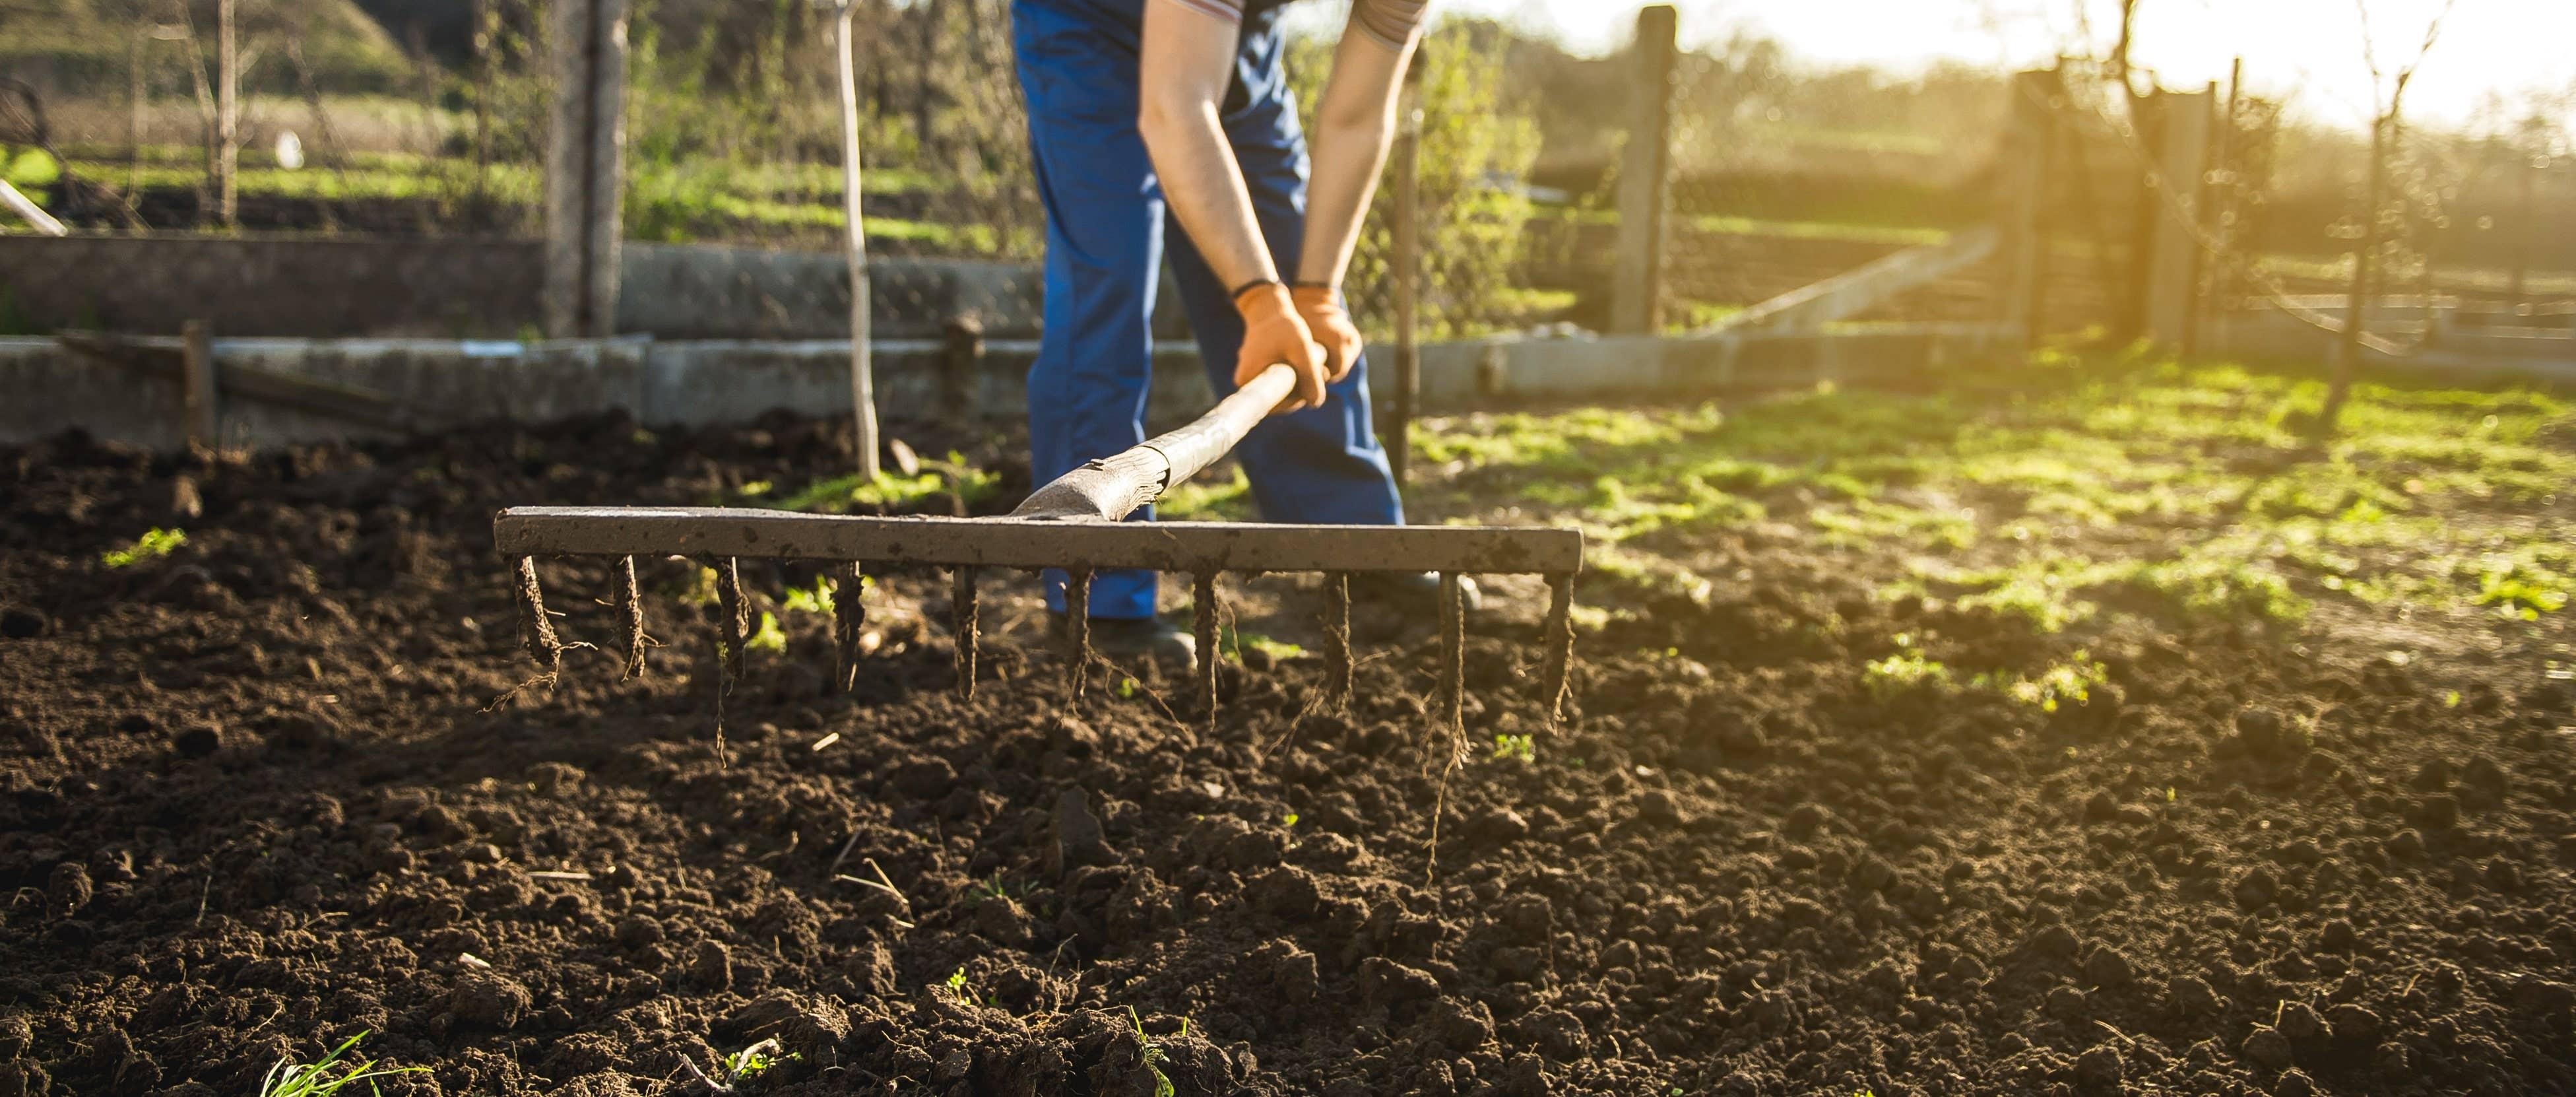 Tendering a garden soil with a rake